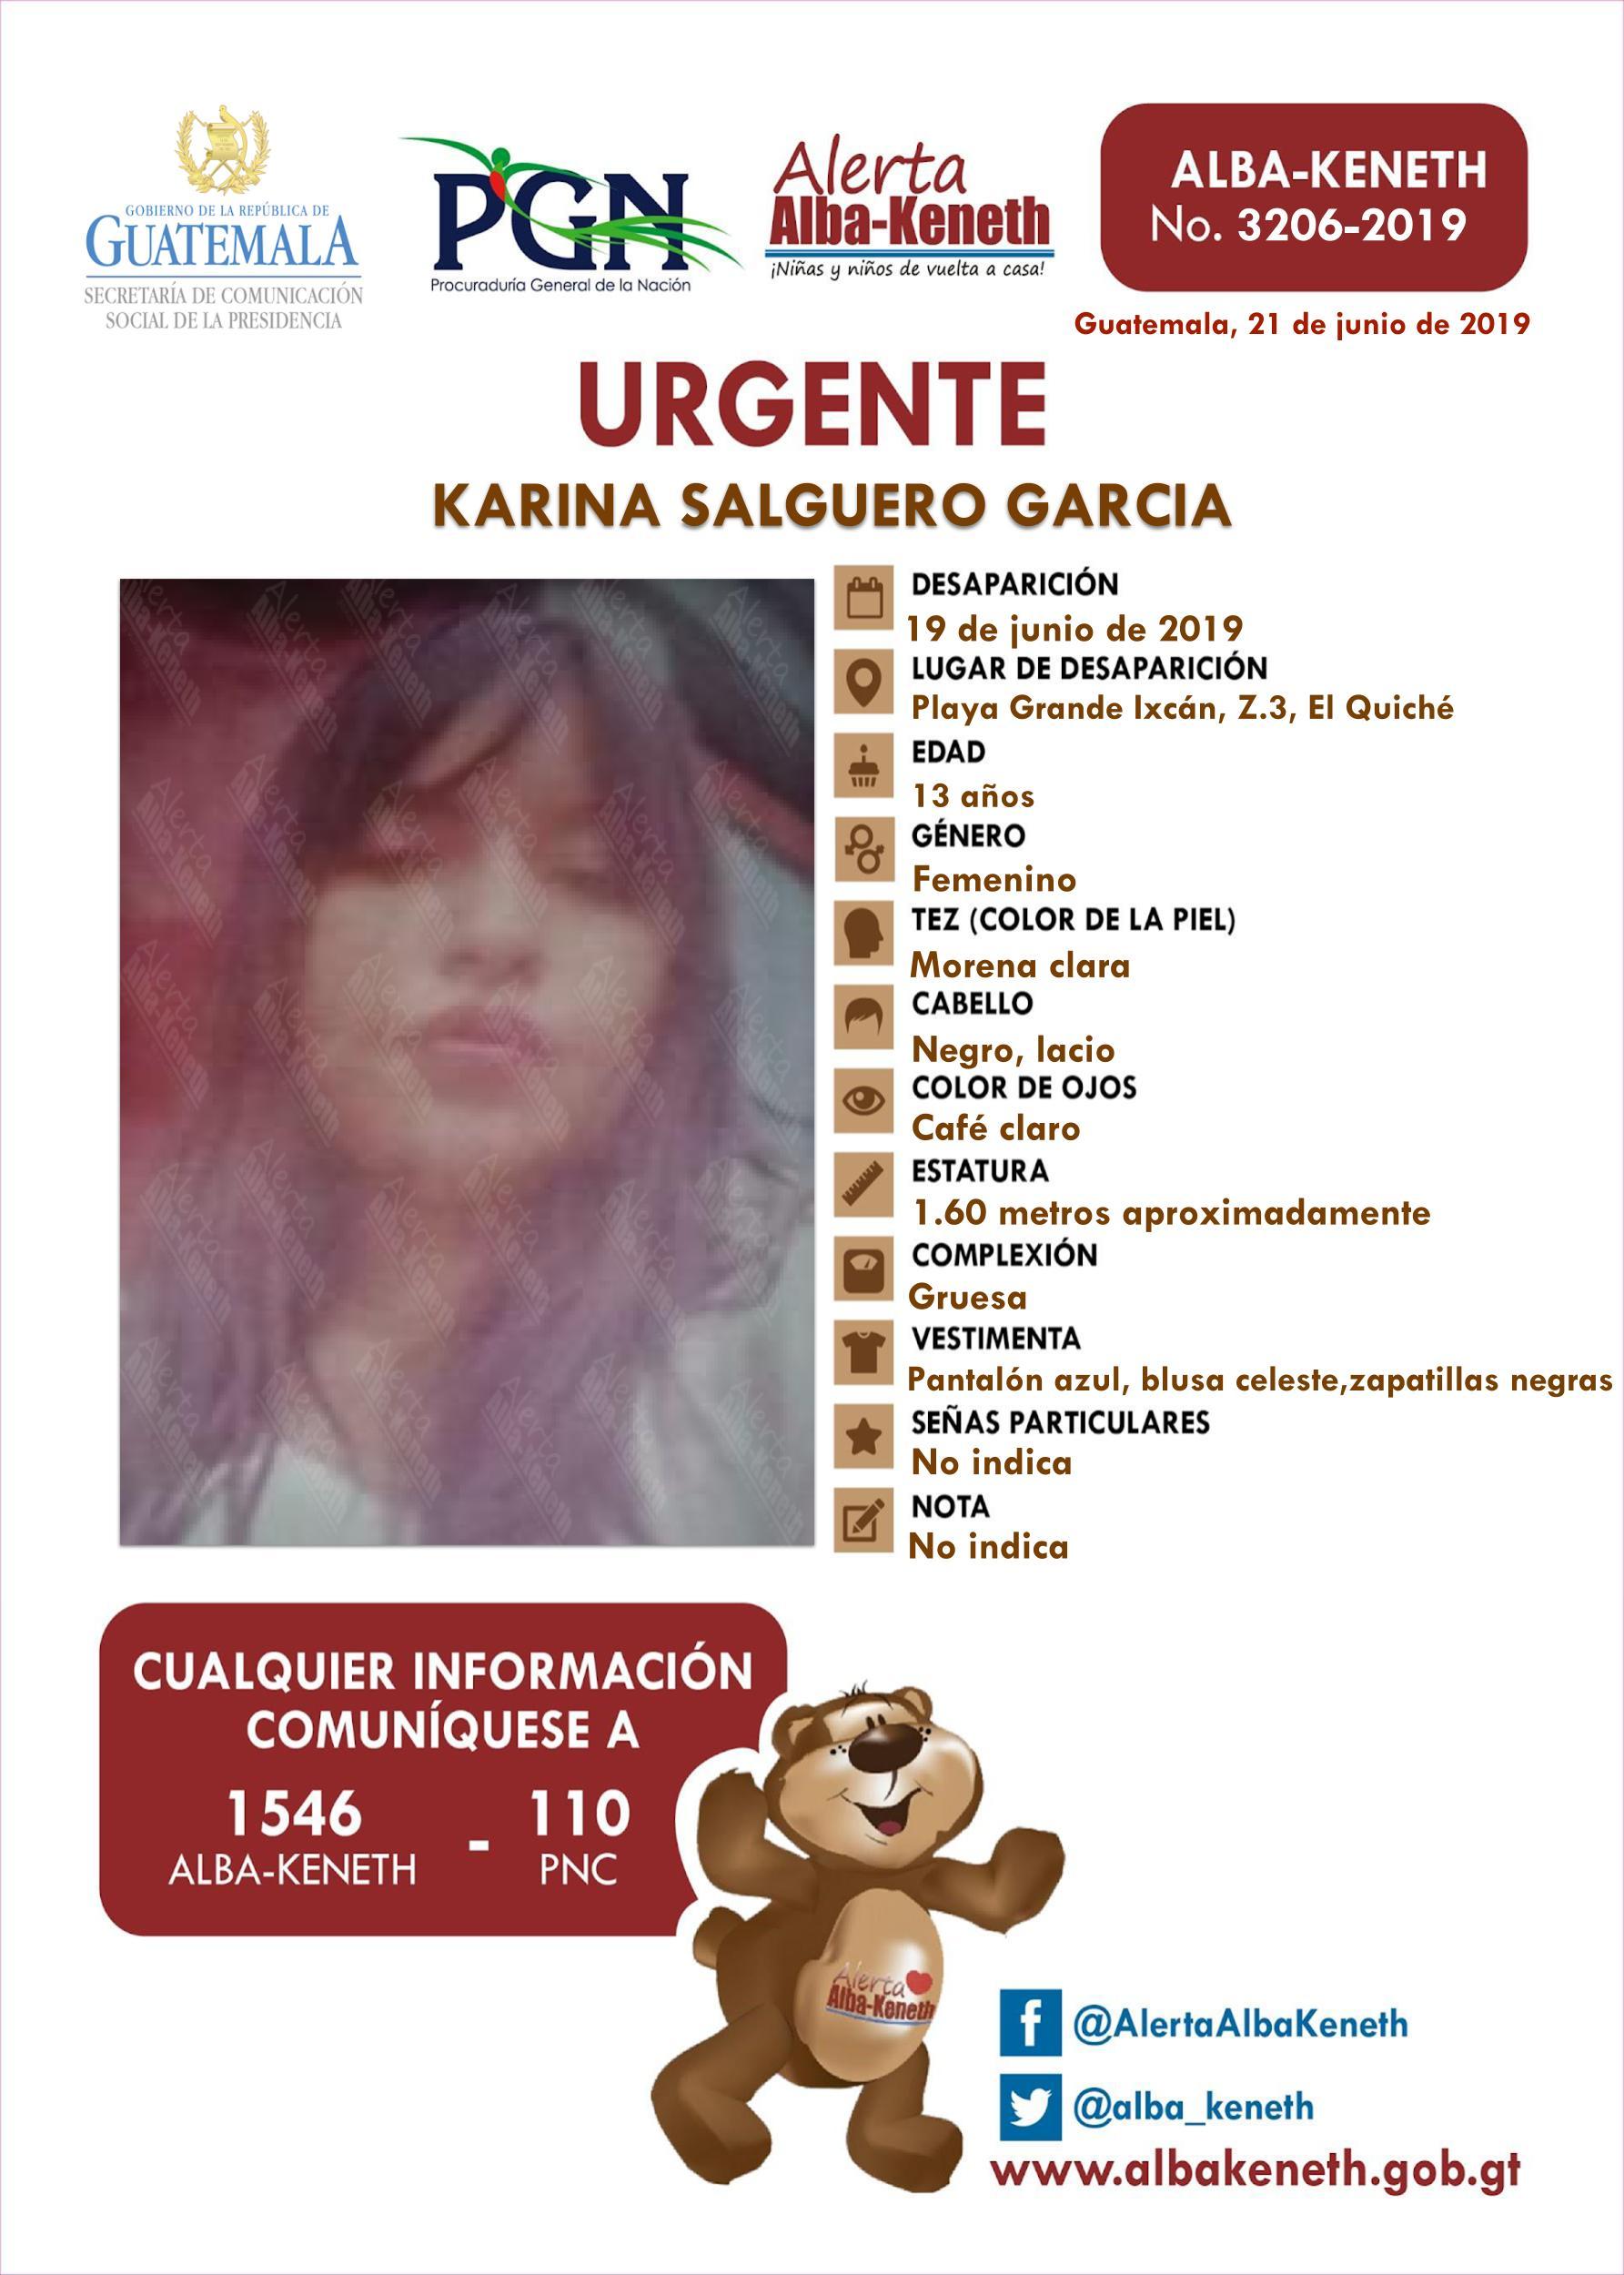 Karina Salguero Garcia